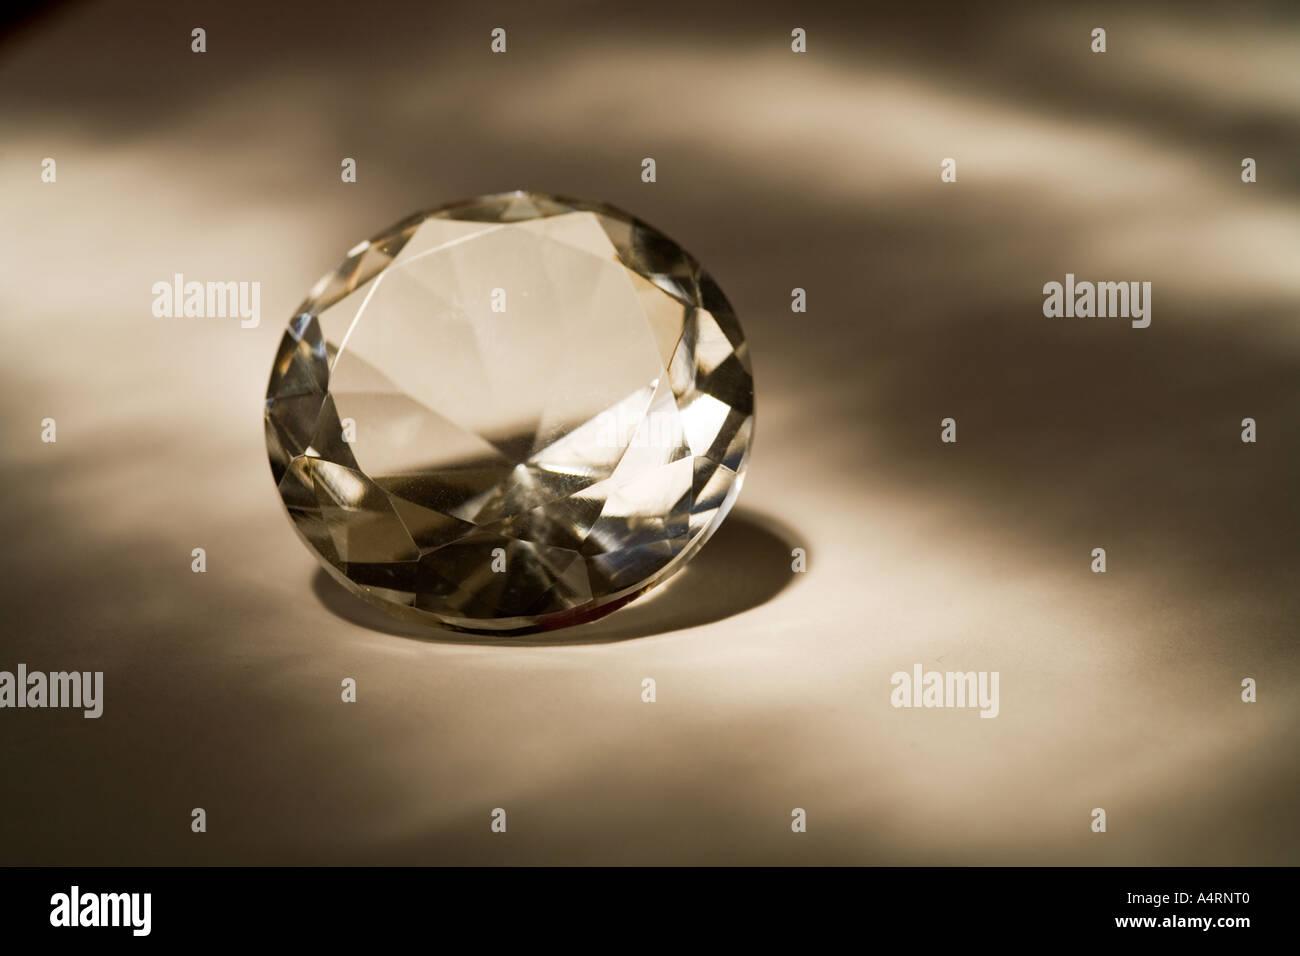 Swarosky crystal diamond cut - Stock Image